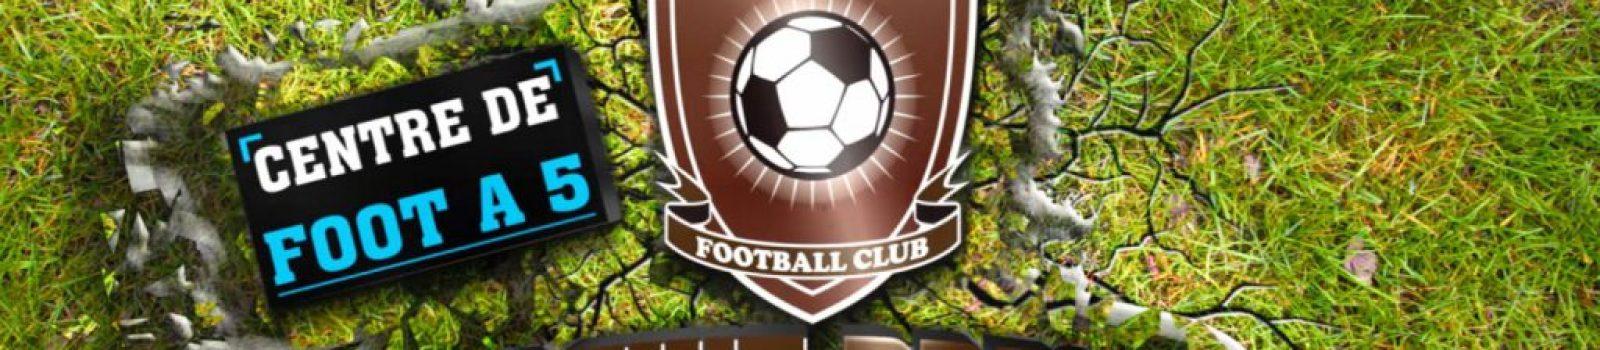 Centre de foot à 5